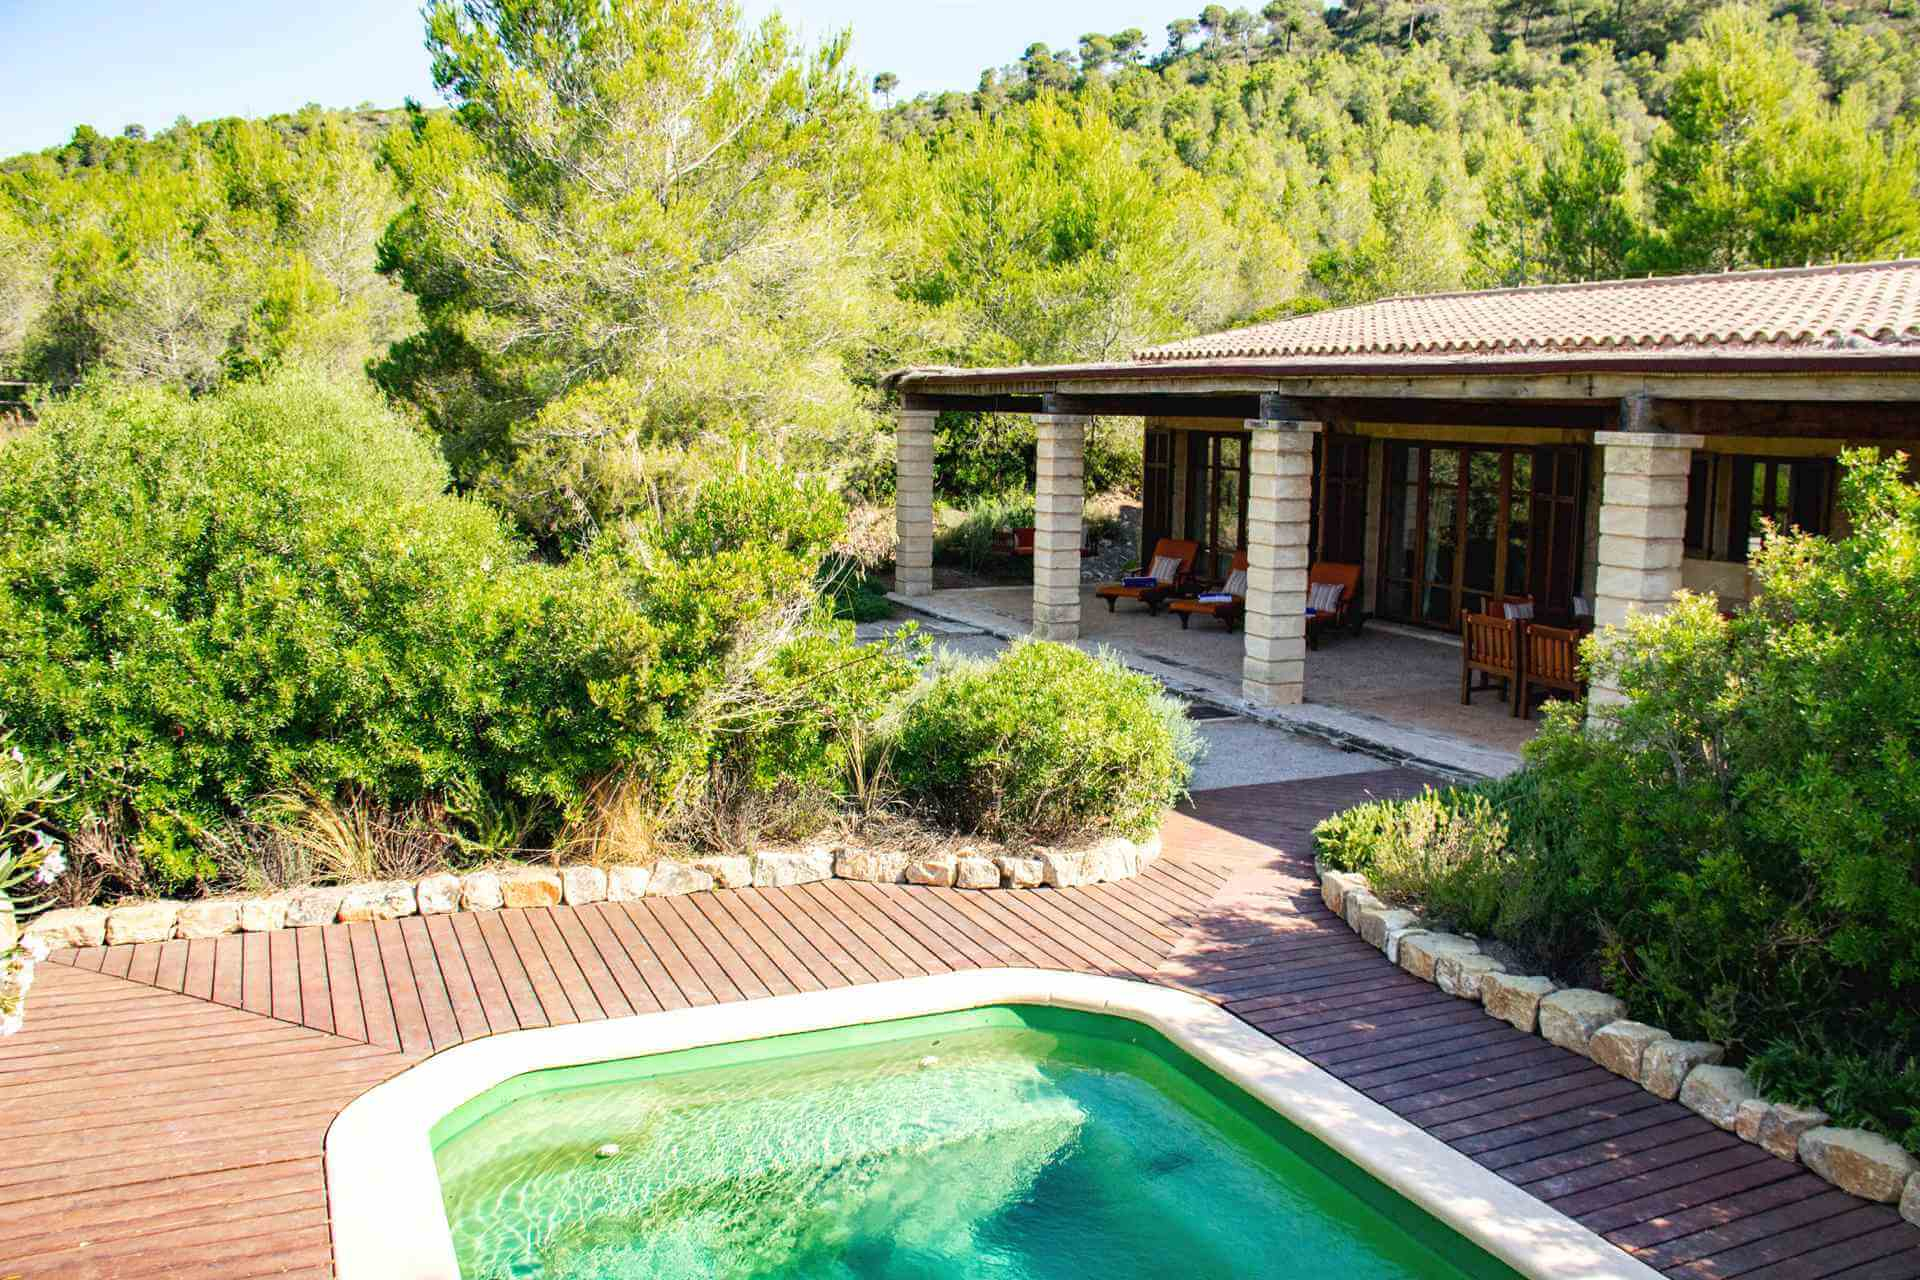 01-321 rustic Villa Mallorca east Bild 3